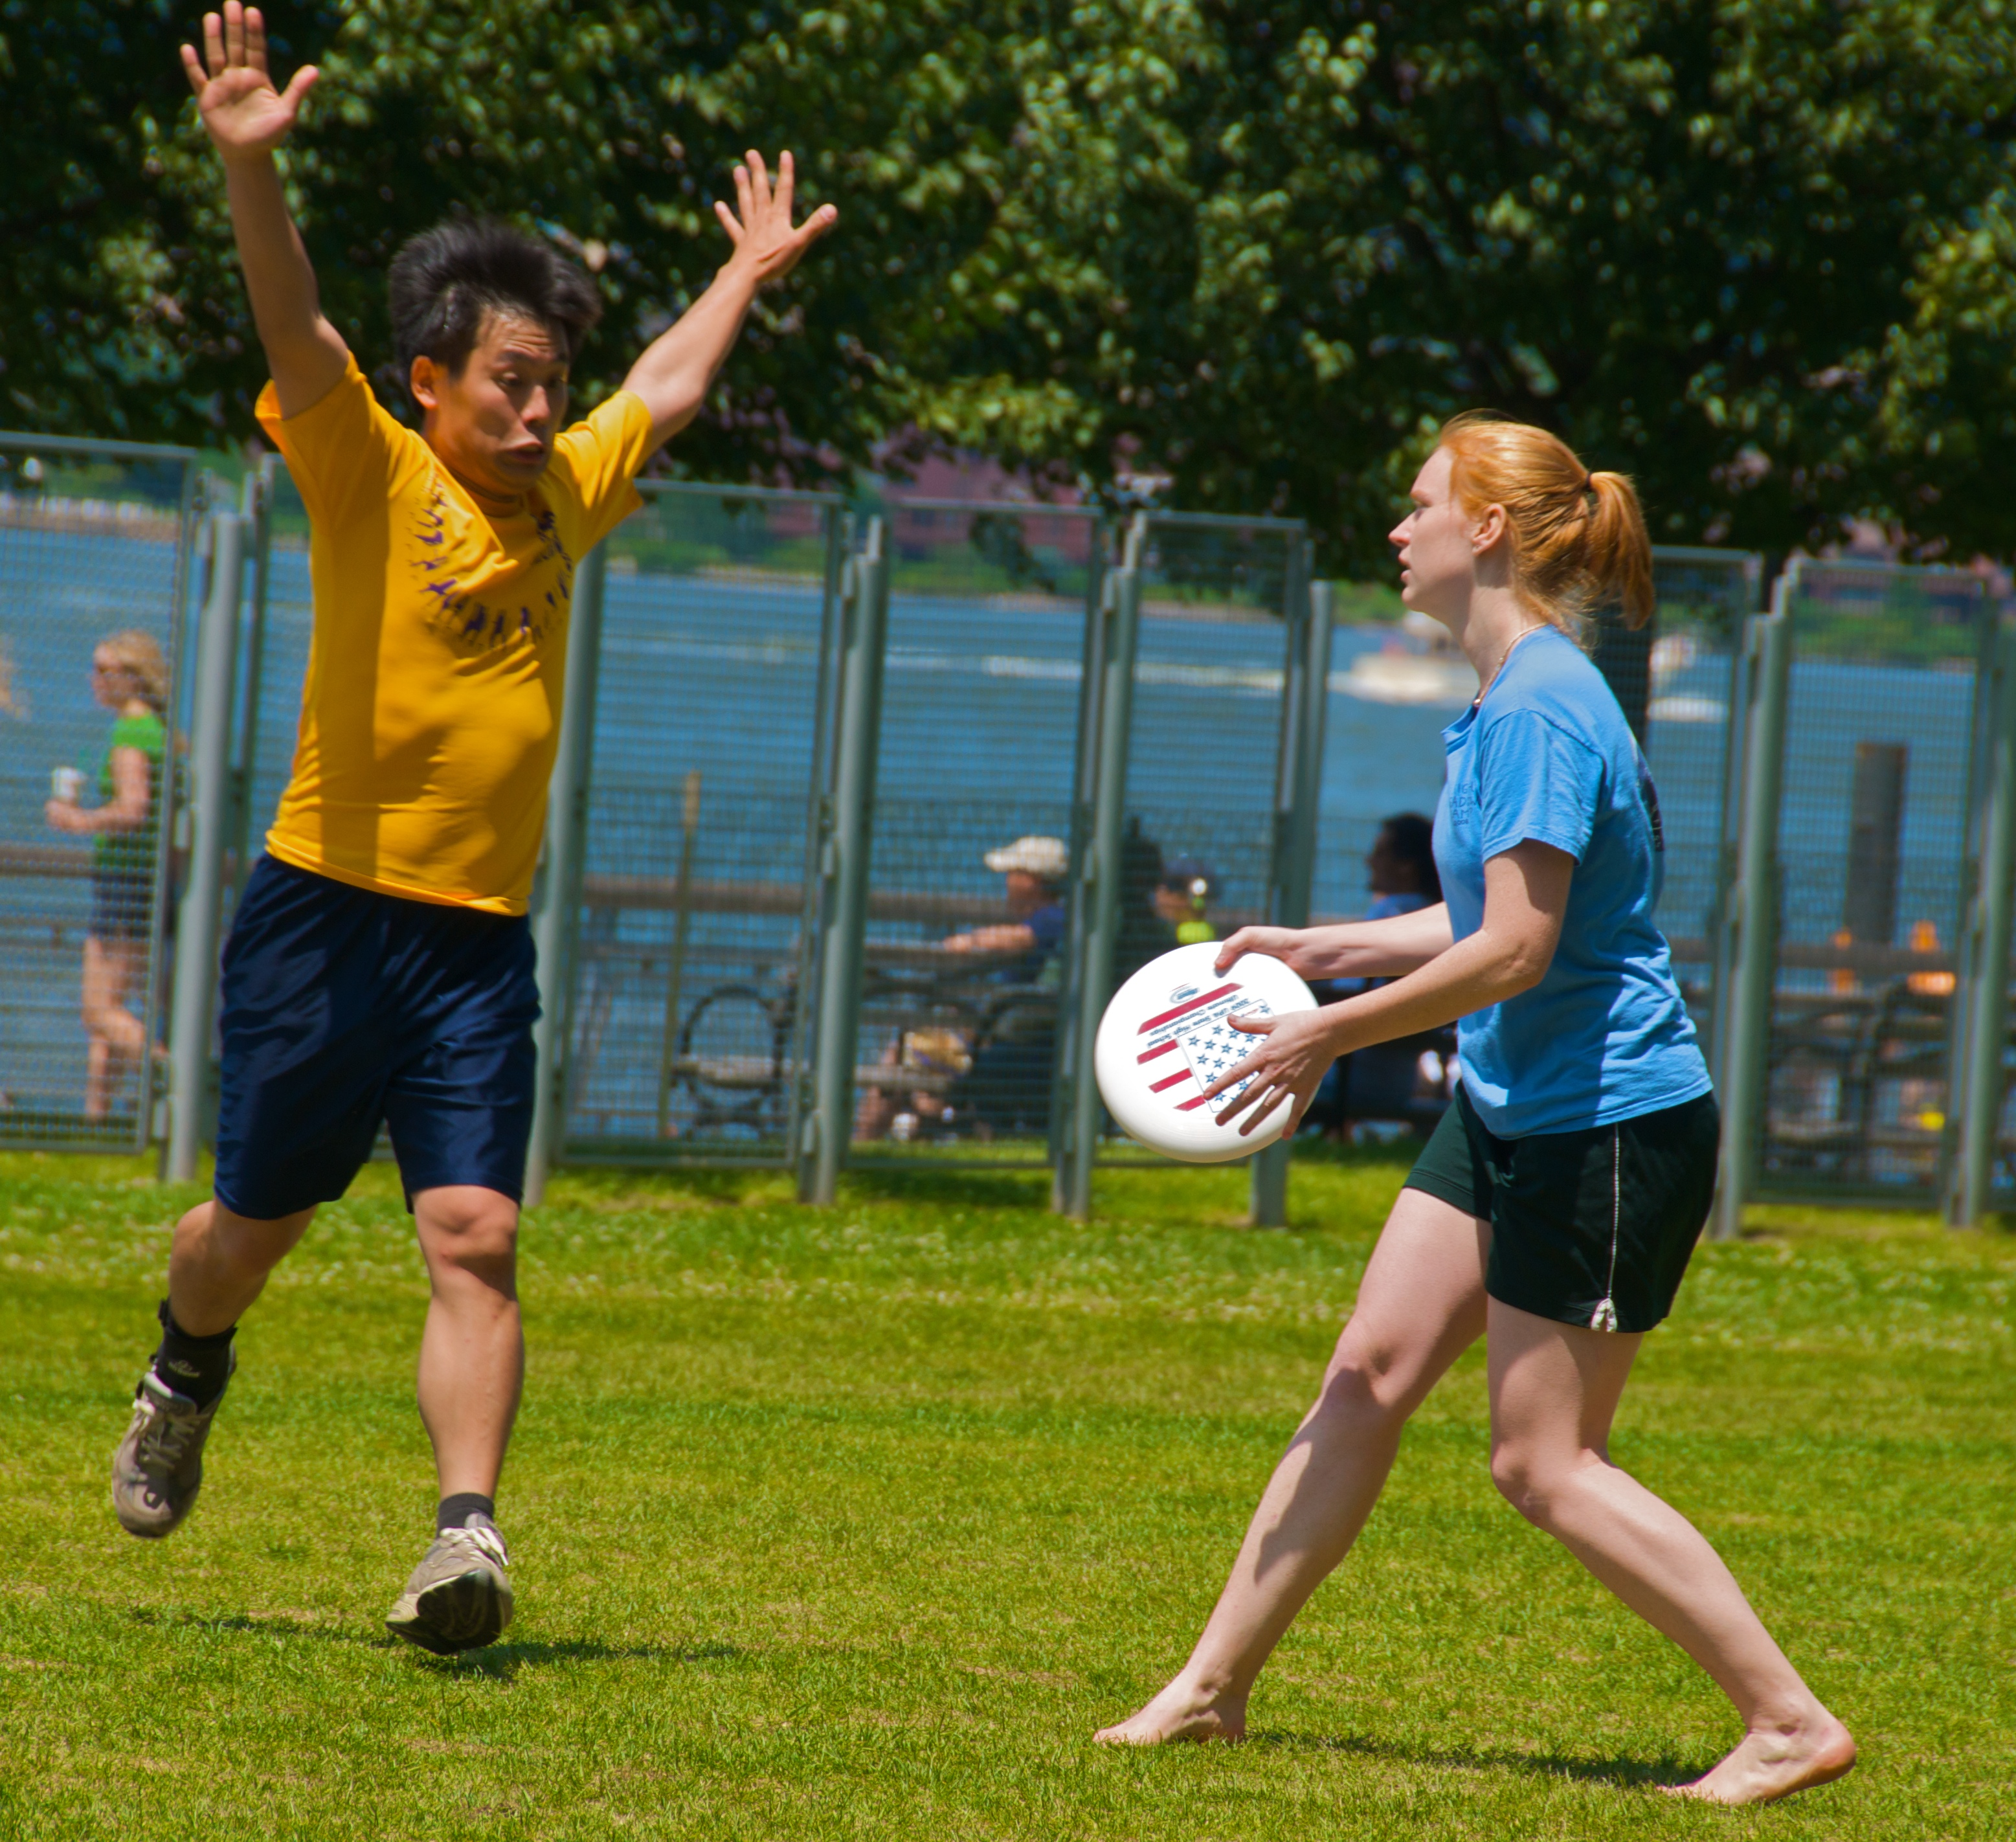 File:Jul 16, 2009 - Ultimate frisbee.jpg - Wikimedia Commons